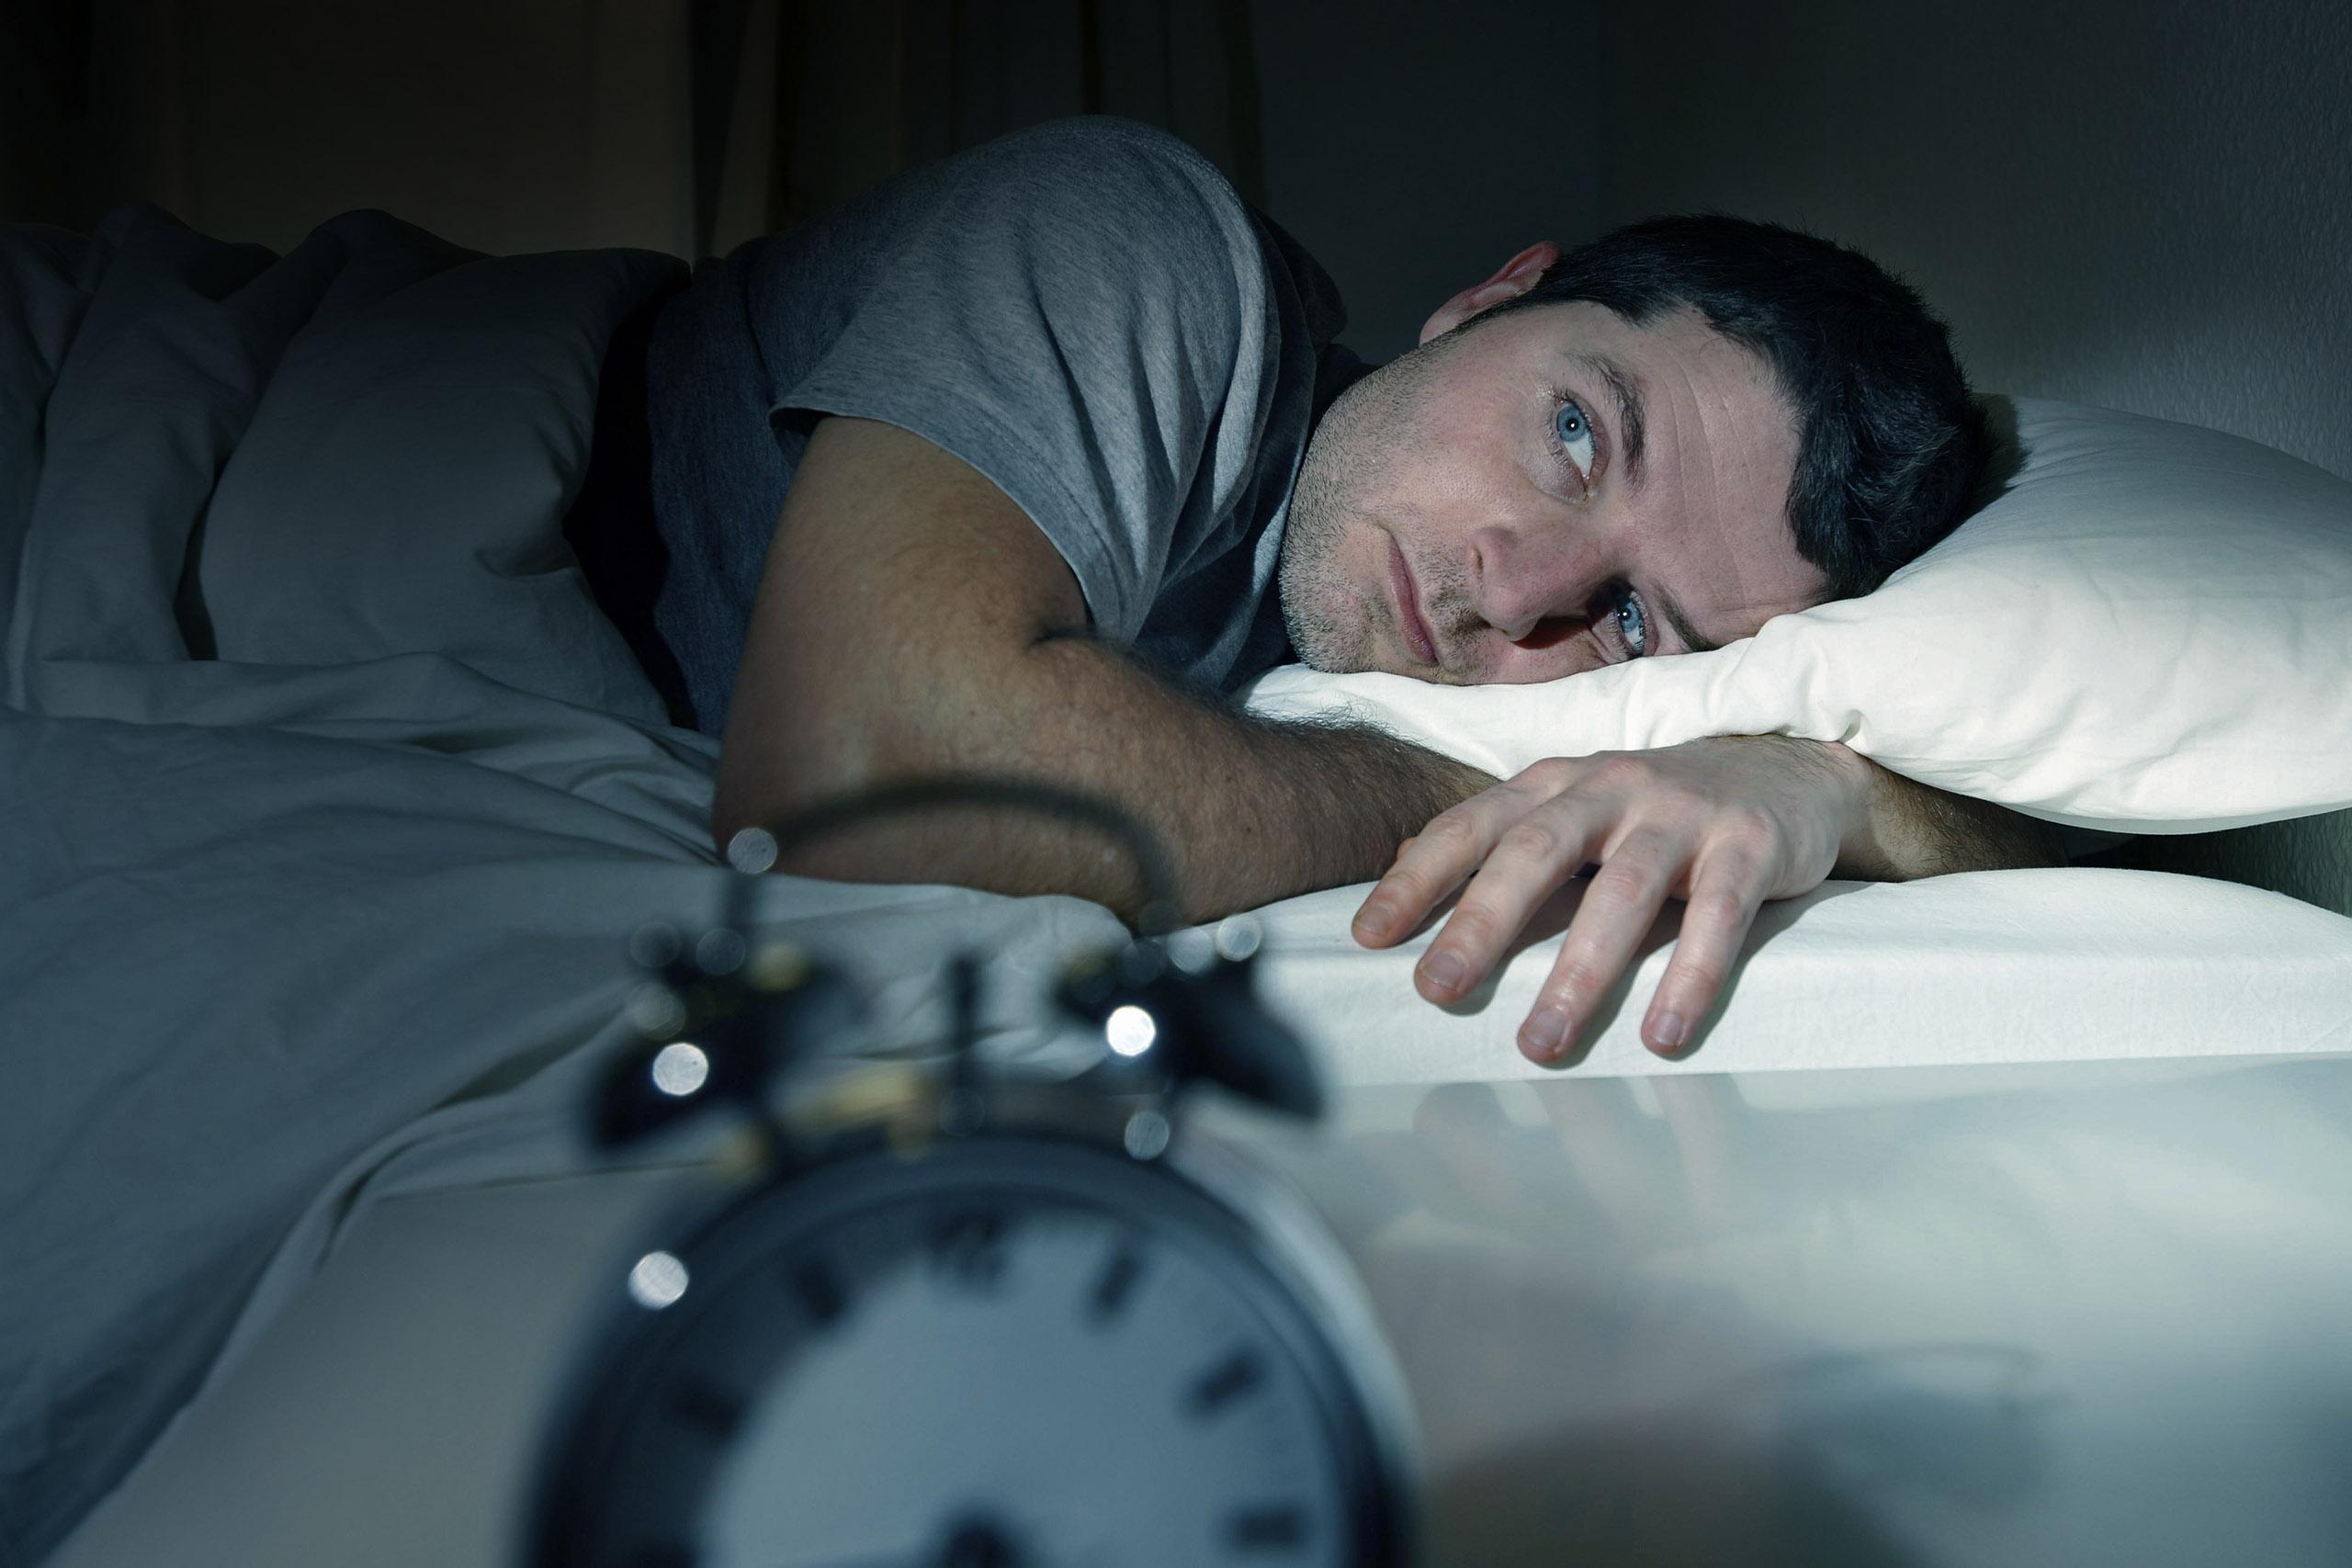 3دلیل اصلی بی خوابی چیست؟+راه حل